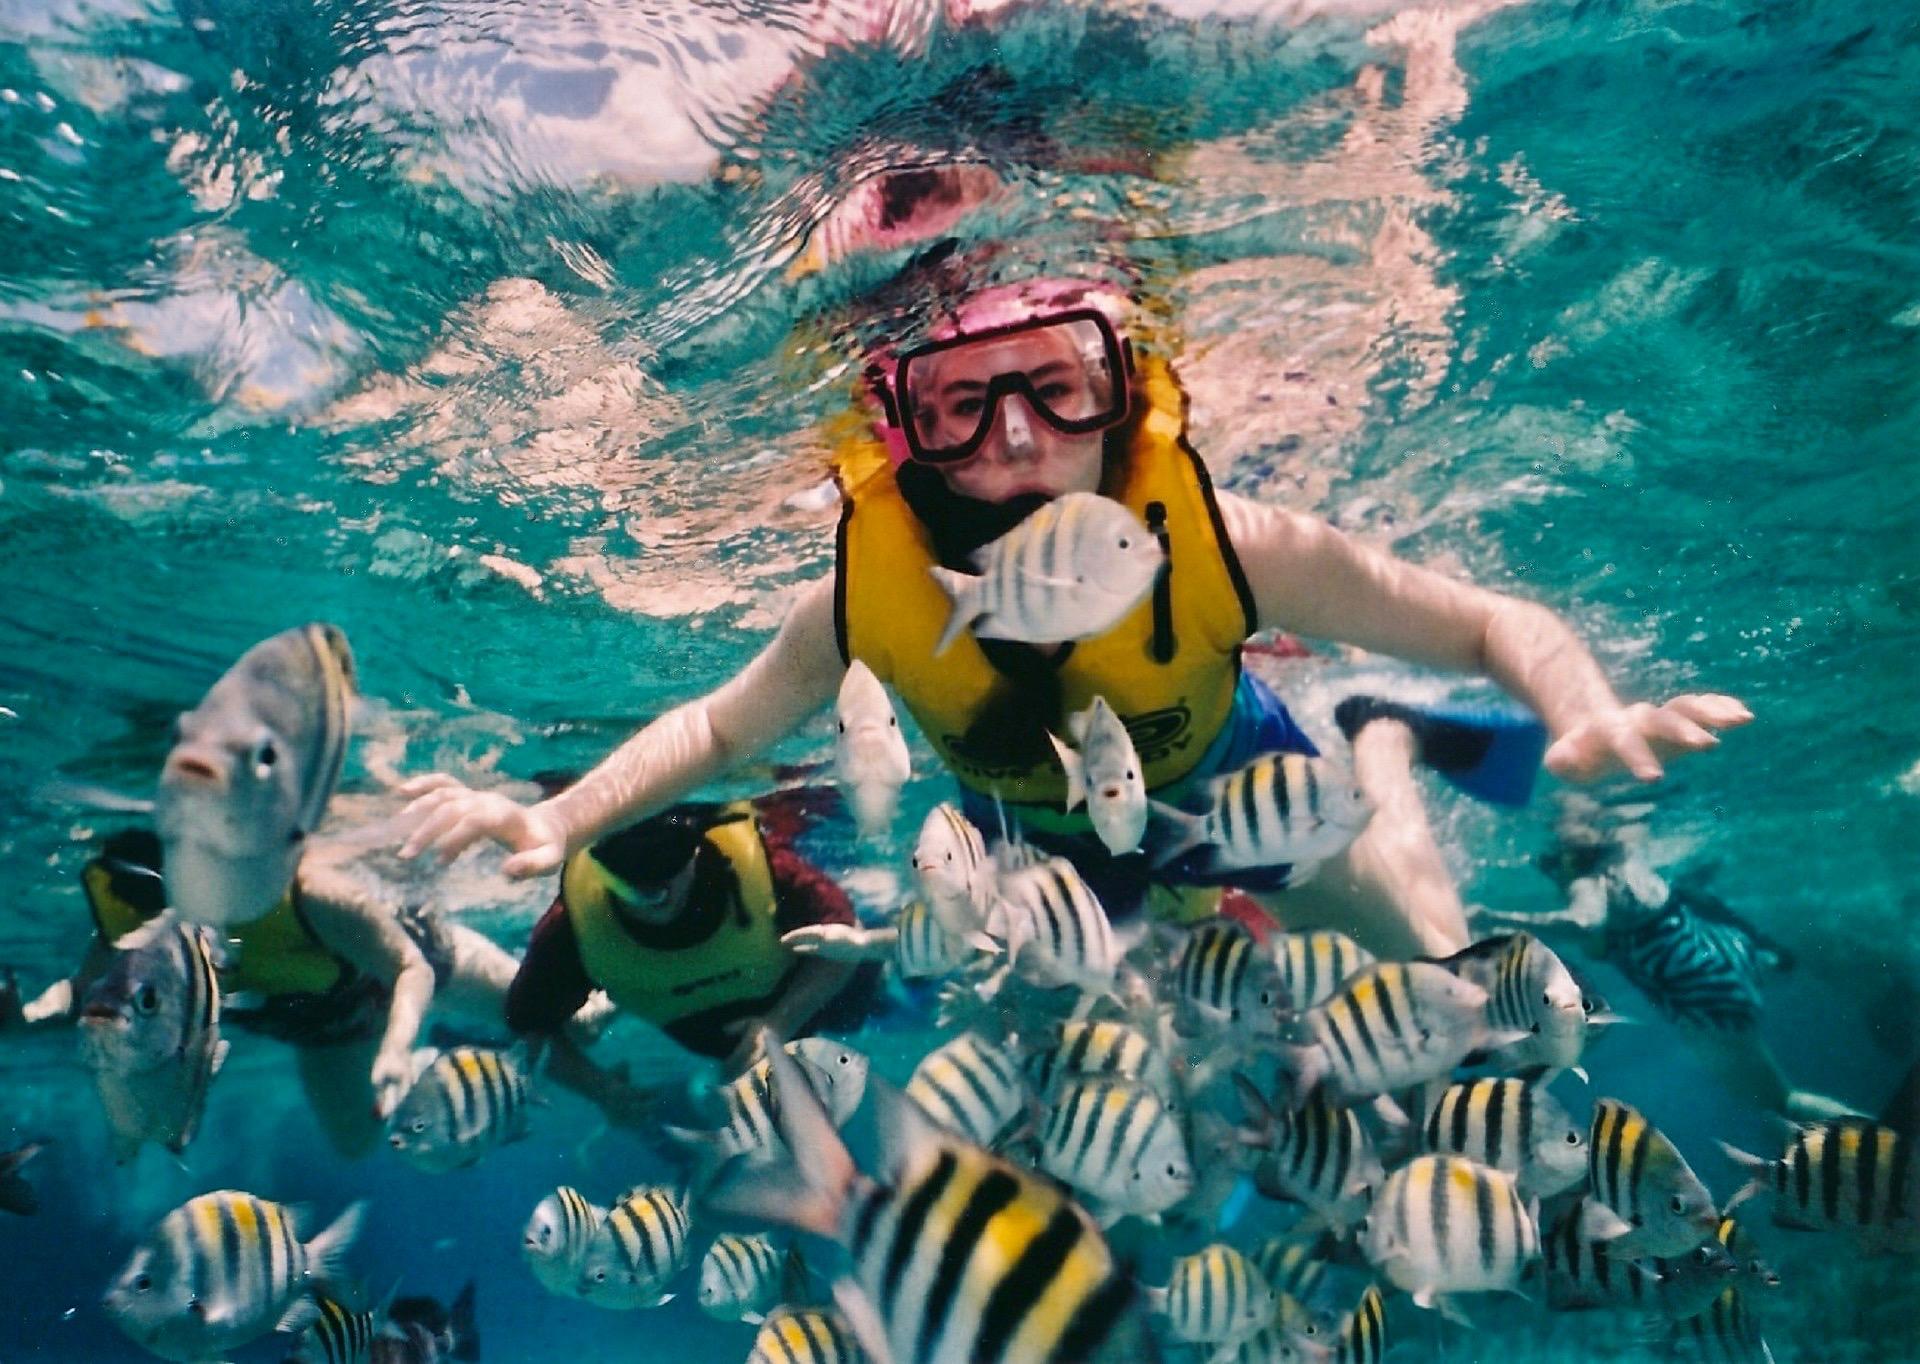 Personas haciendo snorkel rodeados de un gran grupo de peces de colores.